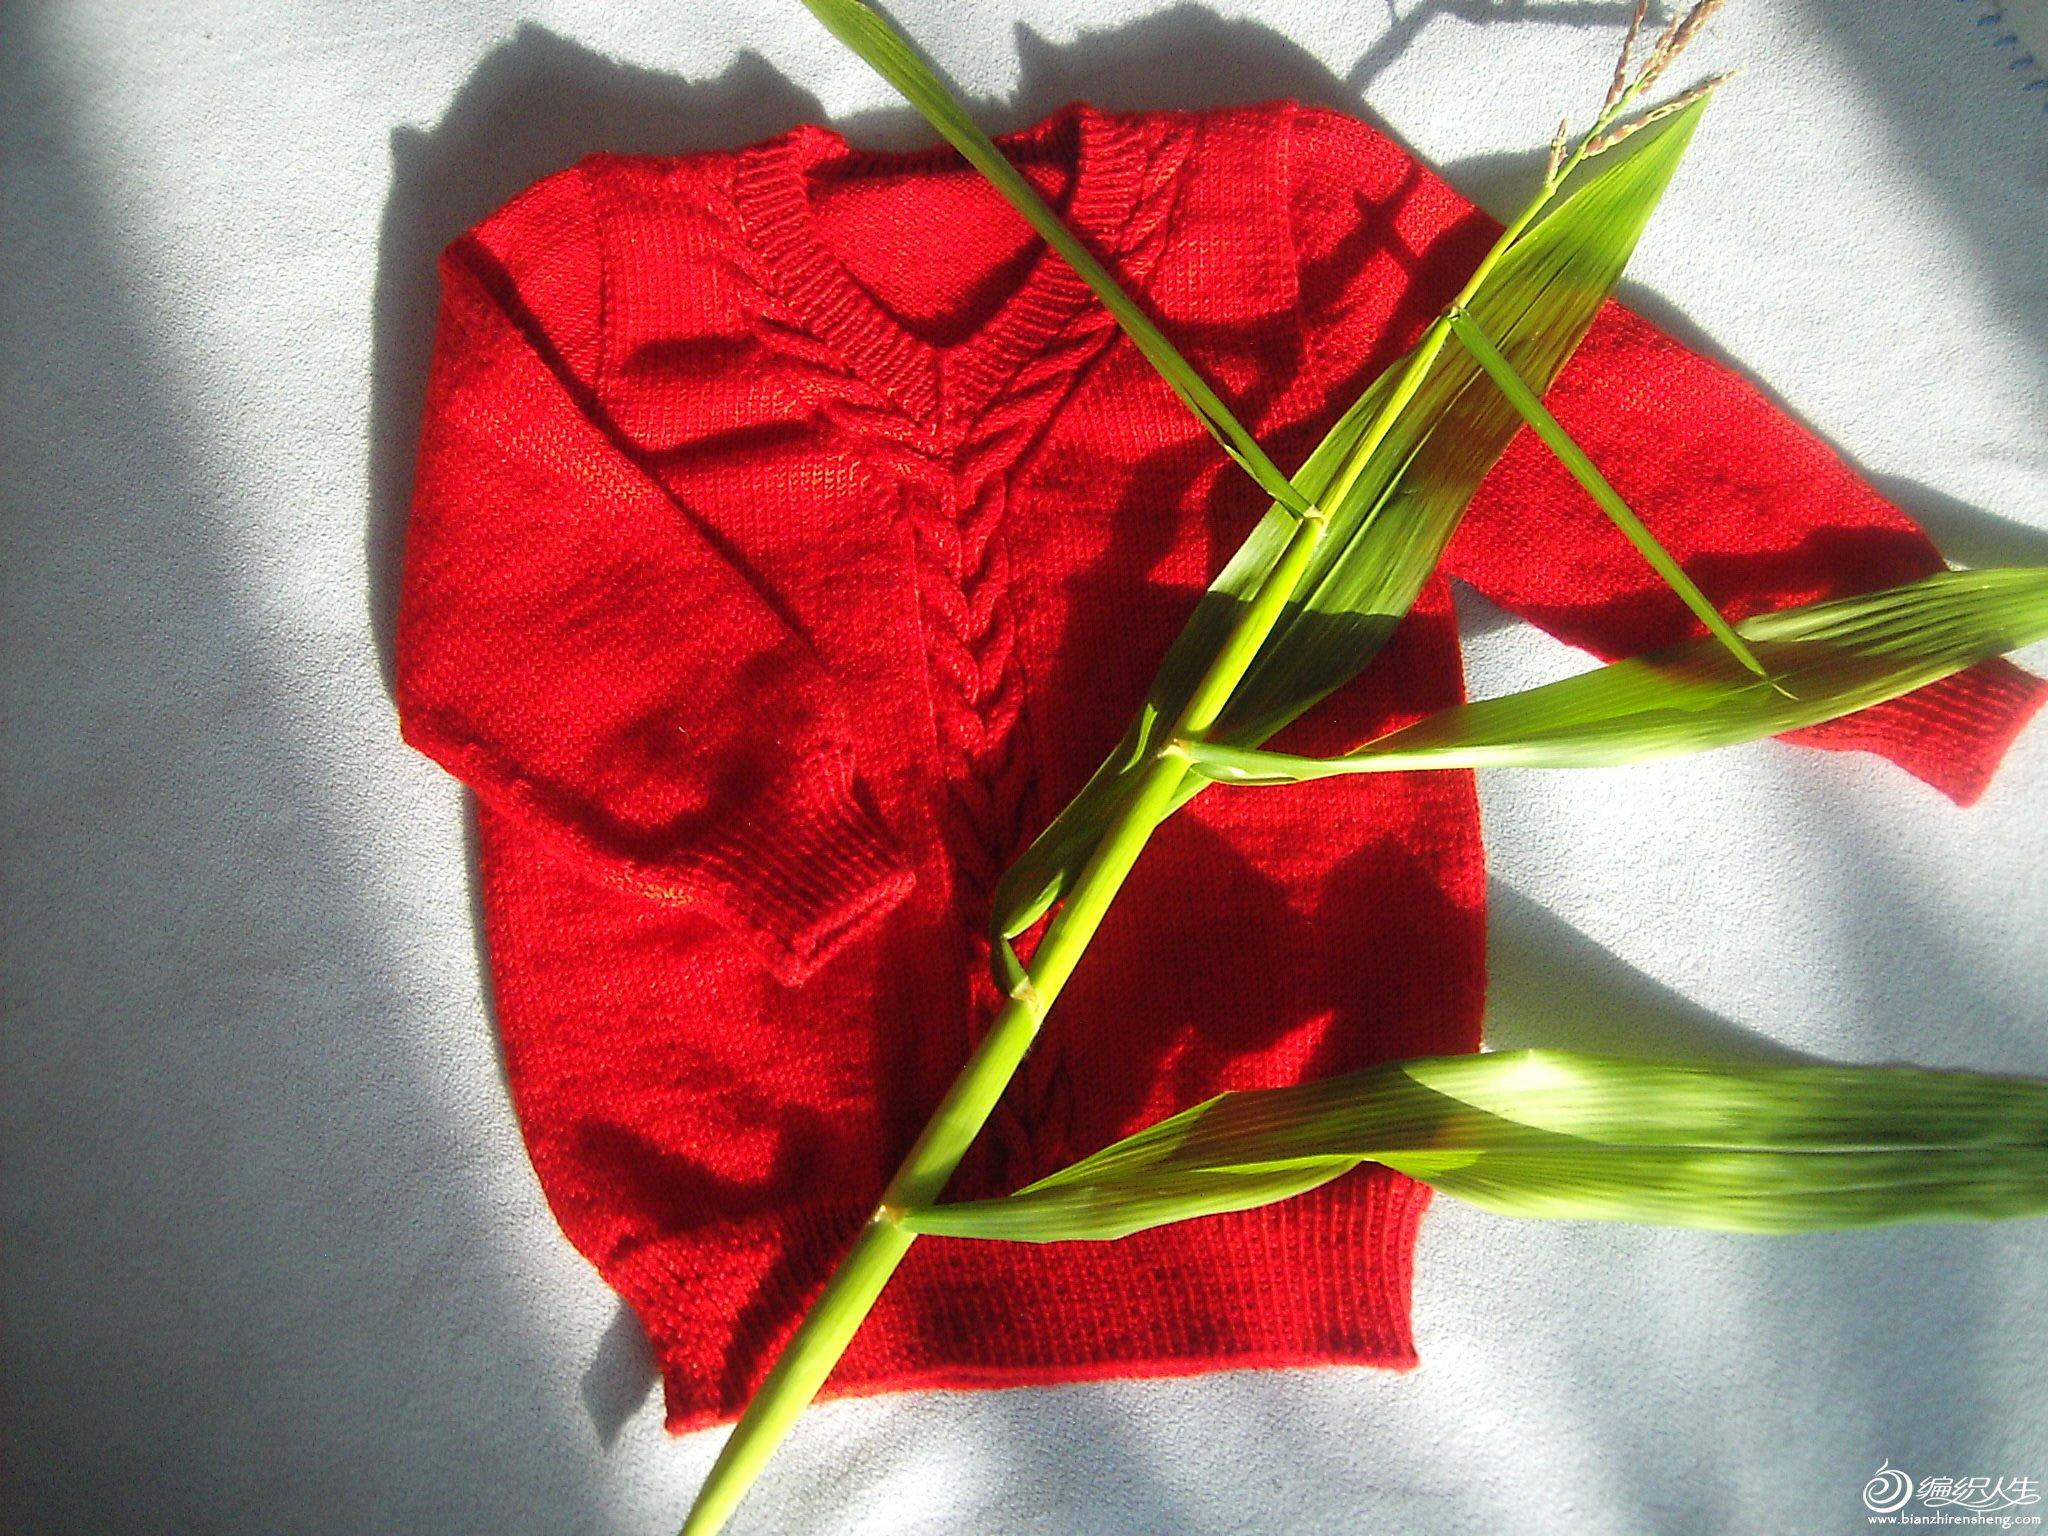 奶奶种的玉米,今天早上不小心弄断了,纪念下